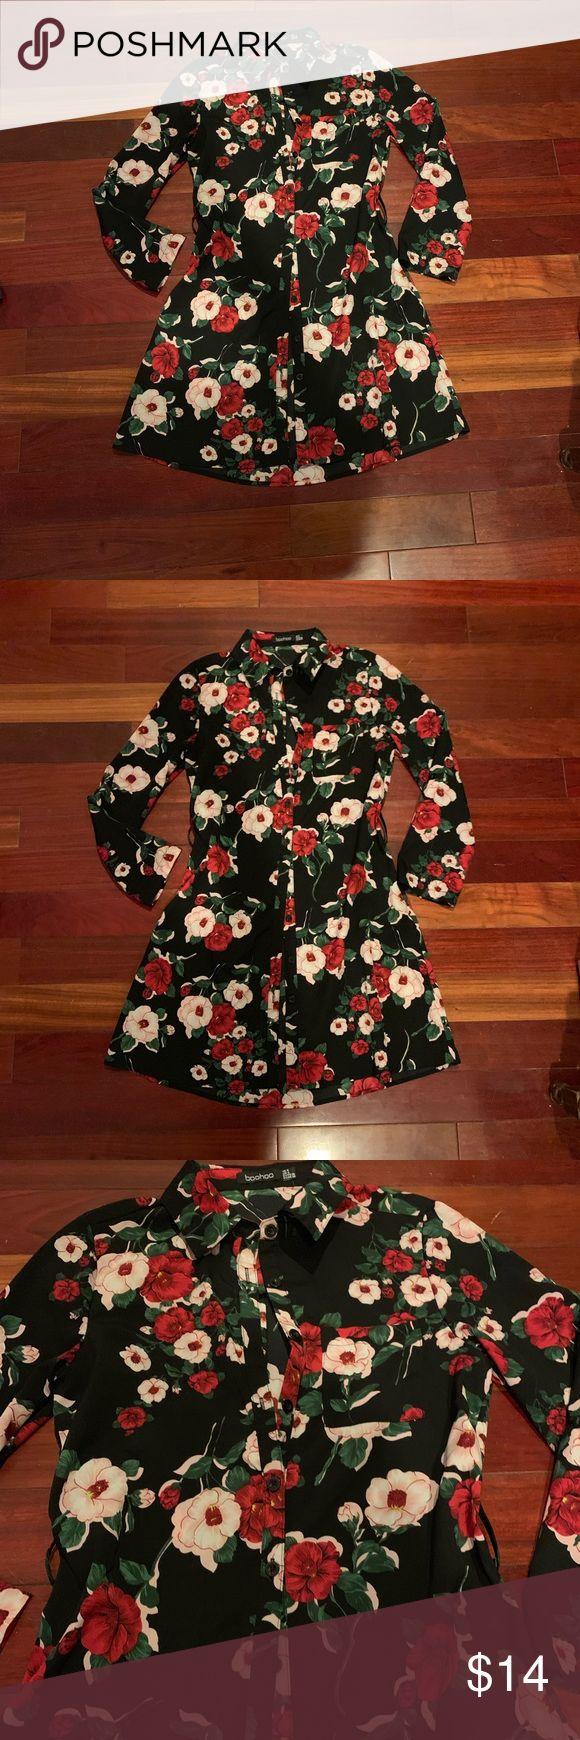 Floral shirt dress Black with red floral print shirt dress. Belt does have belt …